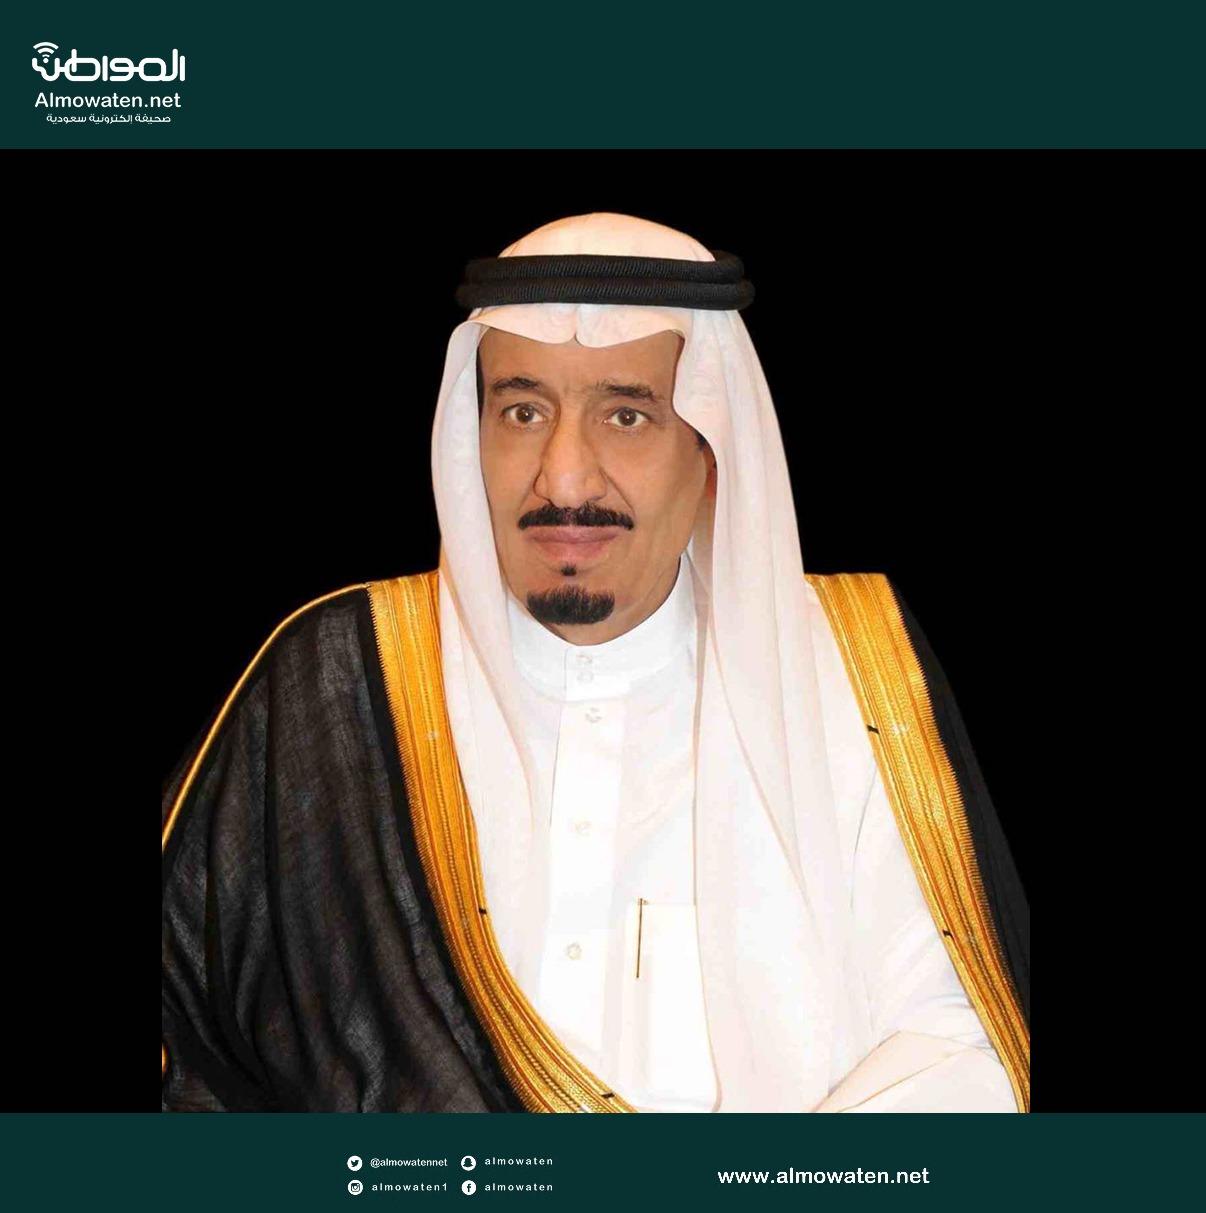 تأييد سعودي لخطوات المجلس العسكري الانتقالي السوداني .. والملك سلمان يوجه بحزمة من المساعدات الإنسانية